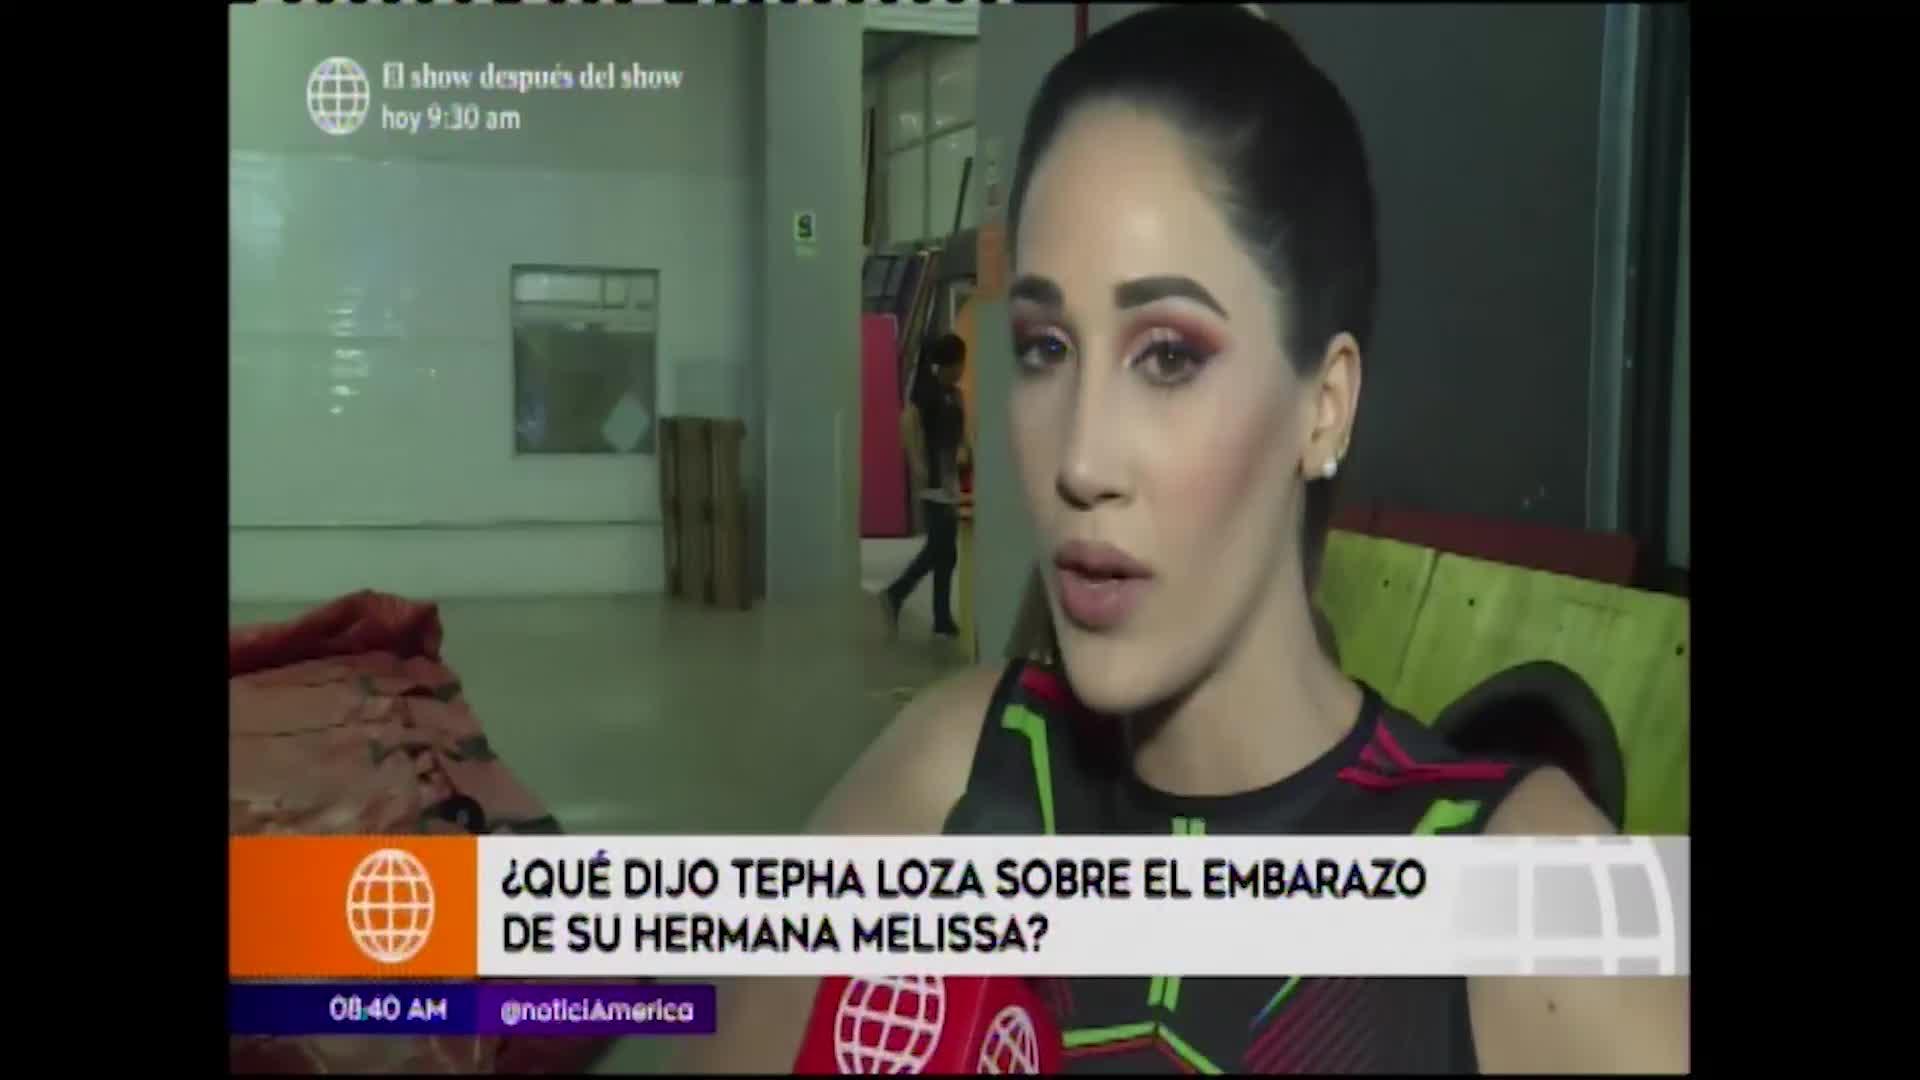 EEG: Tepha Loza se pronuncia sobre el embarazo de su hermana Melissa Loza